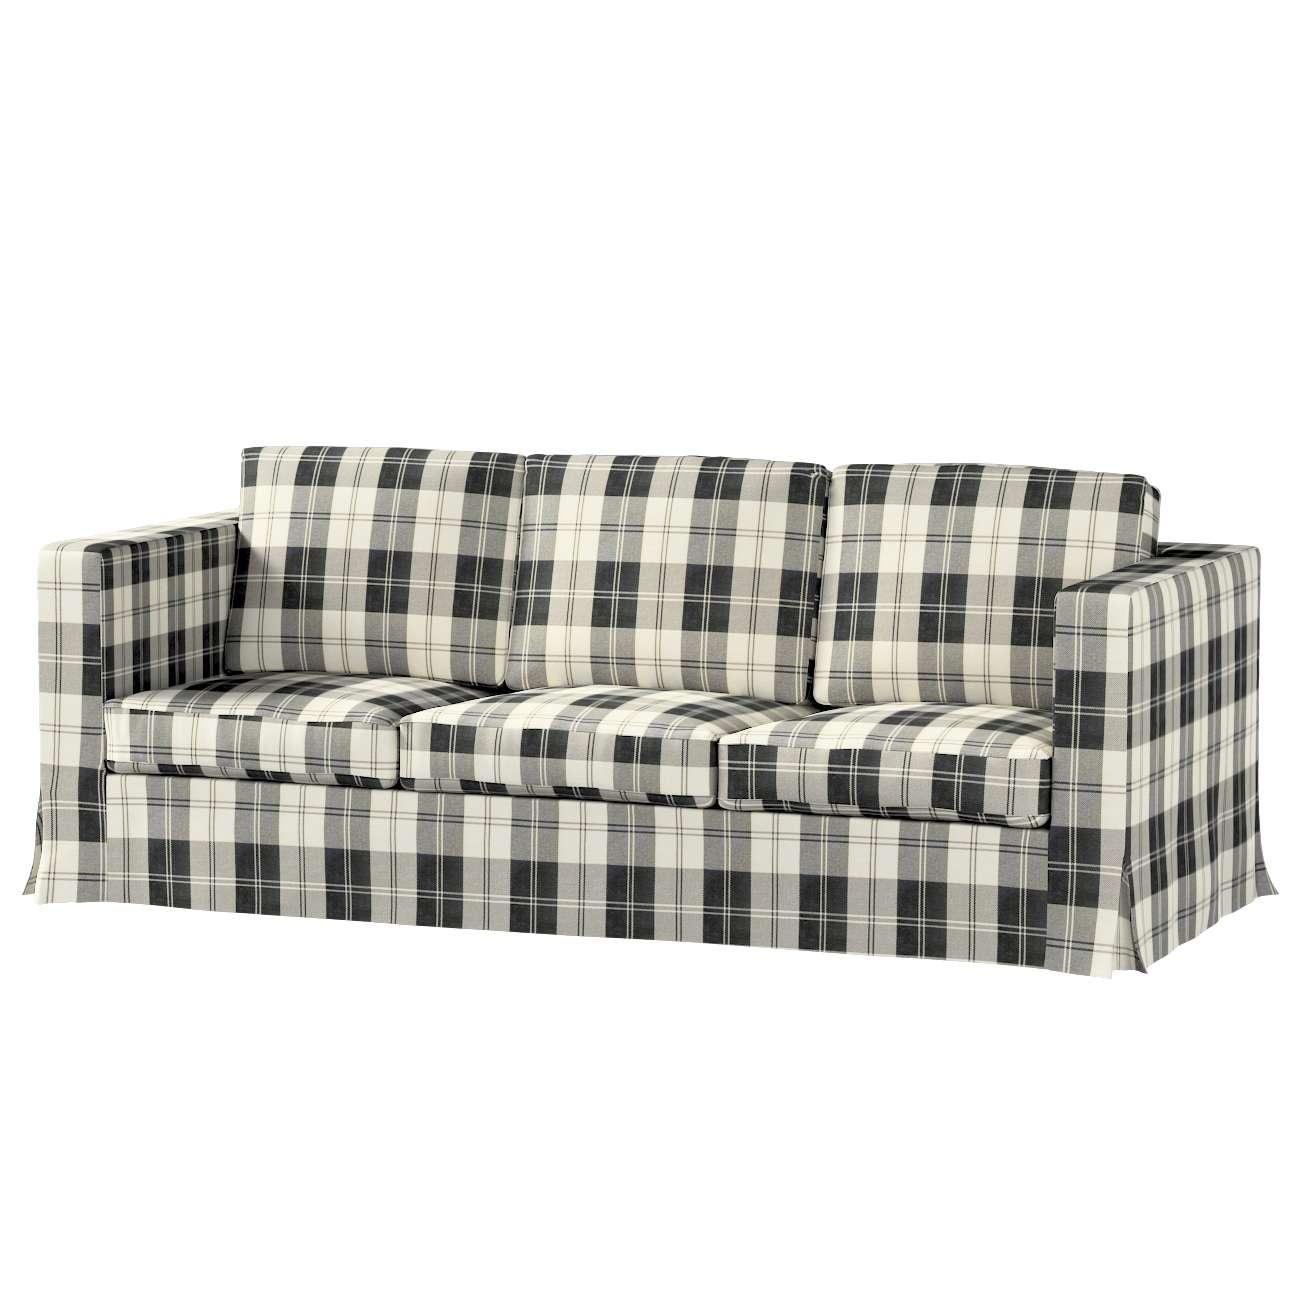 Pokrowiec na sofę Karlanda 3-osobową nierozkładaną, długi w kolekcji Edinburgh, tkanina: 115-74